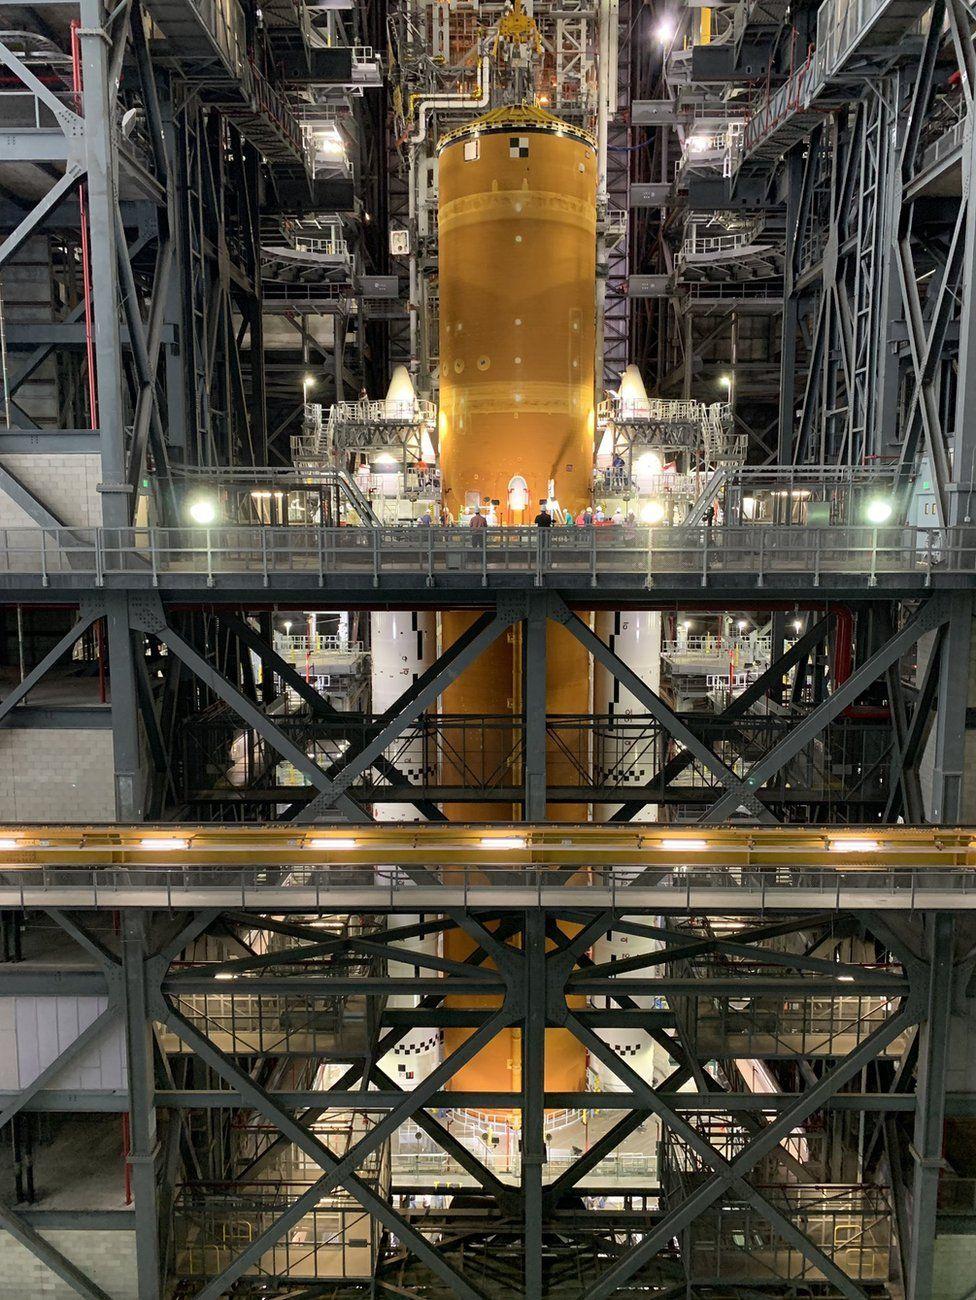 NASA впервые показало, как выглядит собранная космическая ракета, которая отправит людей на Луну - фото 2